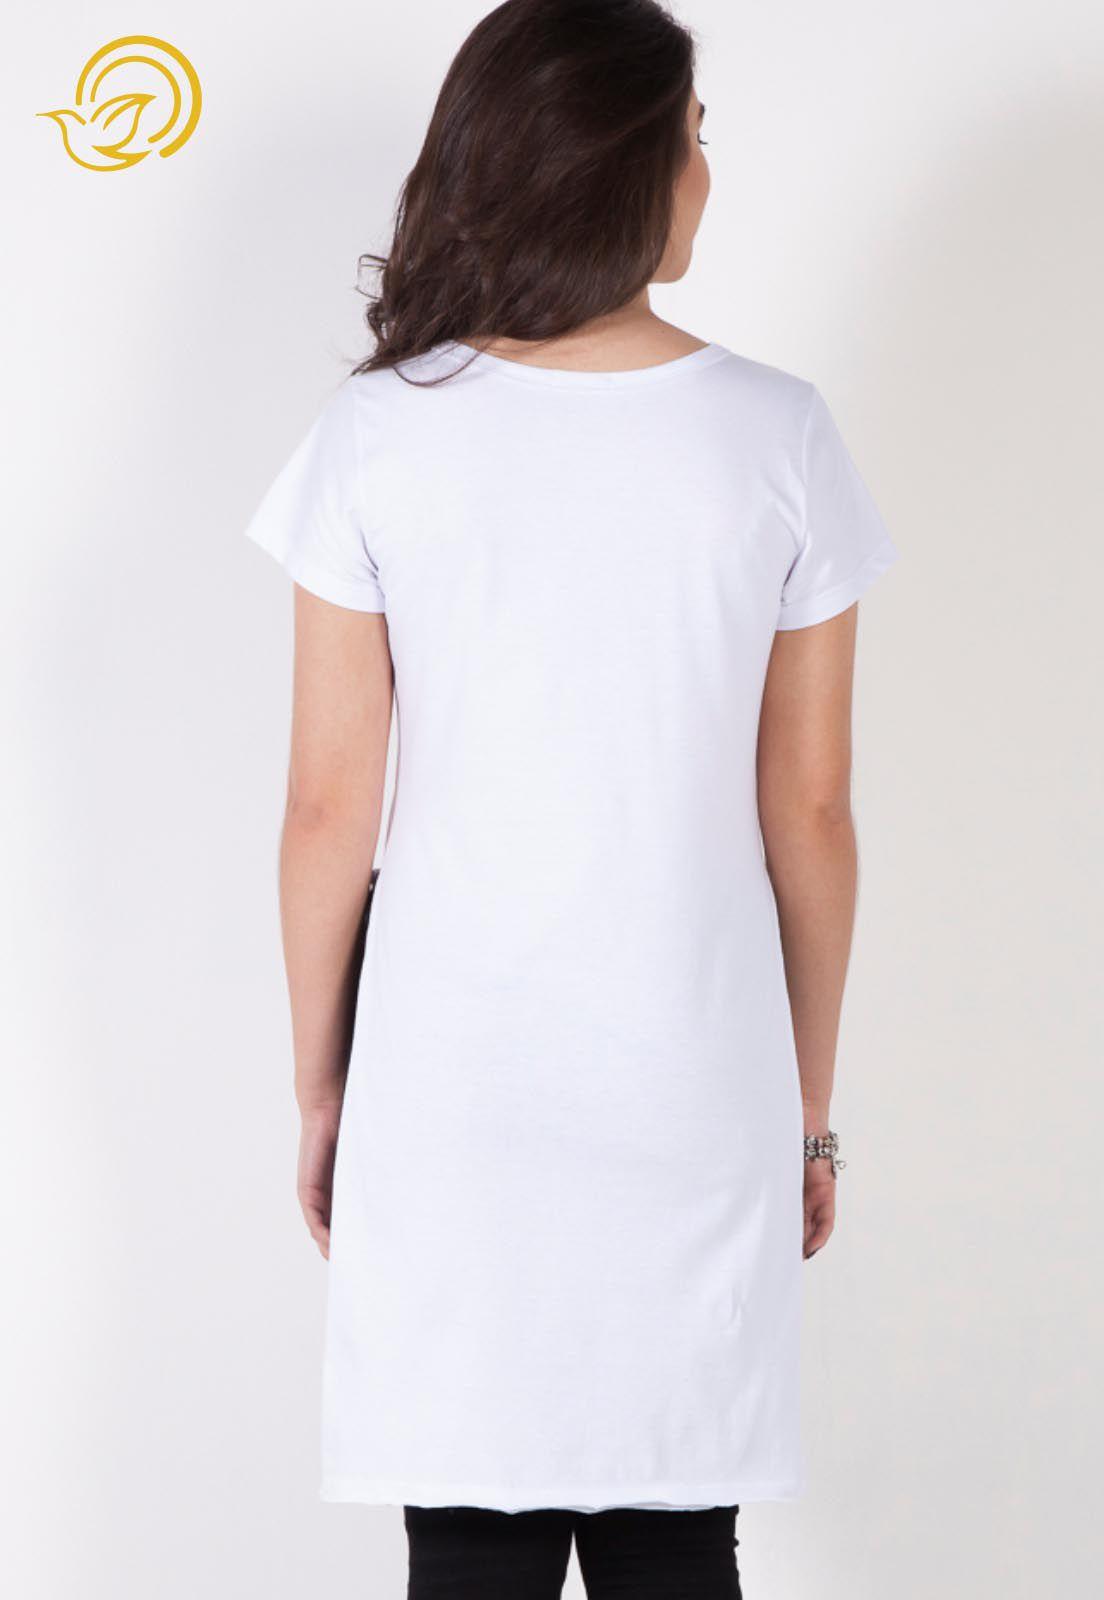 Camiseta A Mãe de Deus Também é Minha - Branca